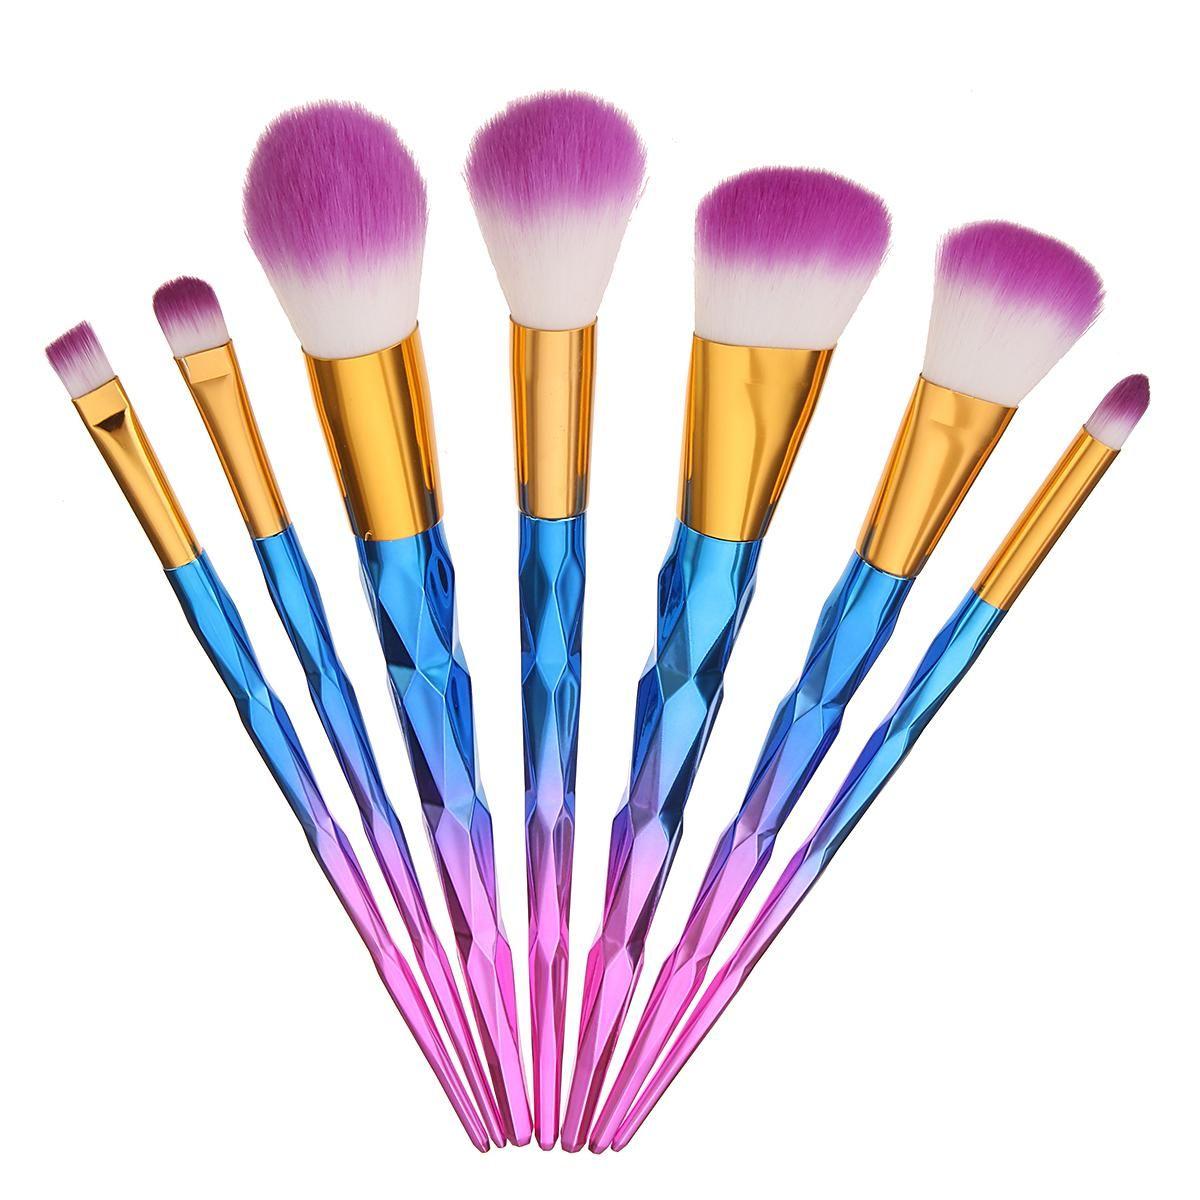 BangGood Eachine1 7pcs Makeup Brushes Kit Set Soft